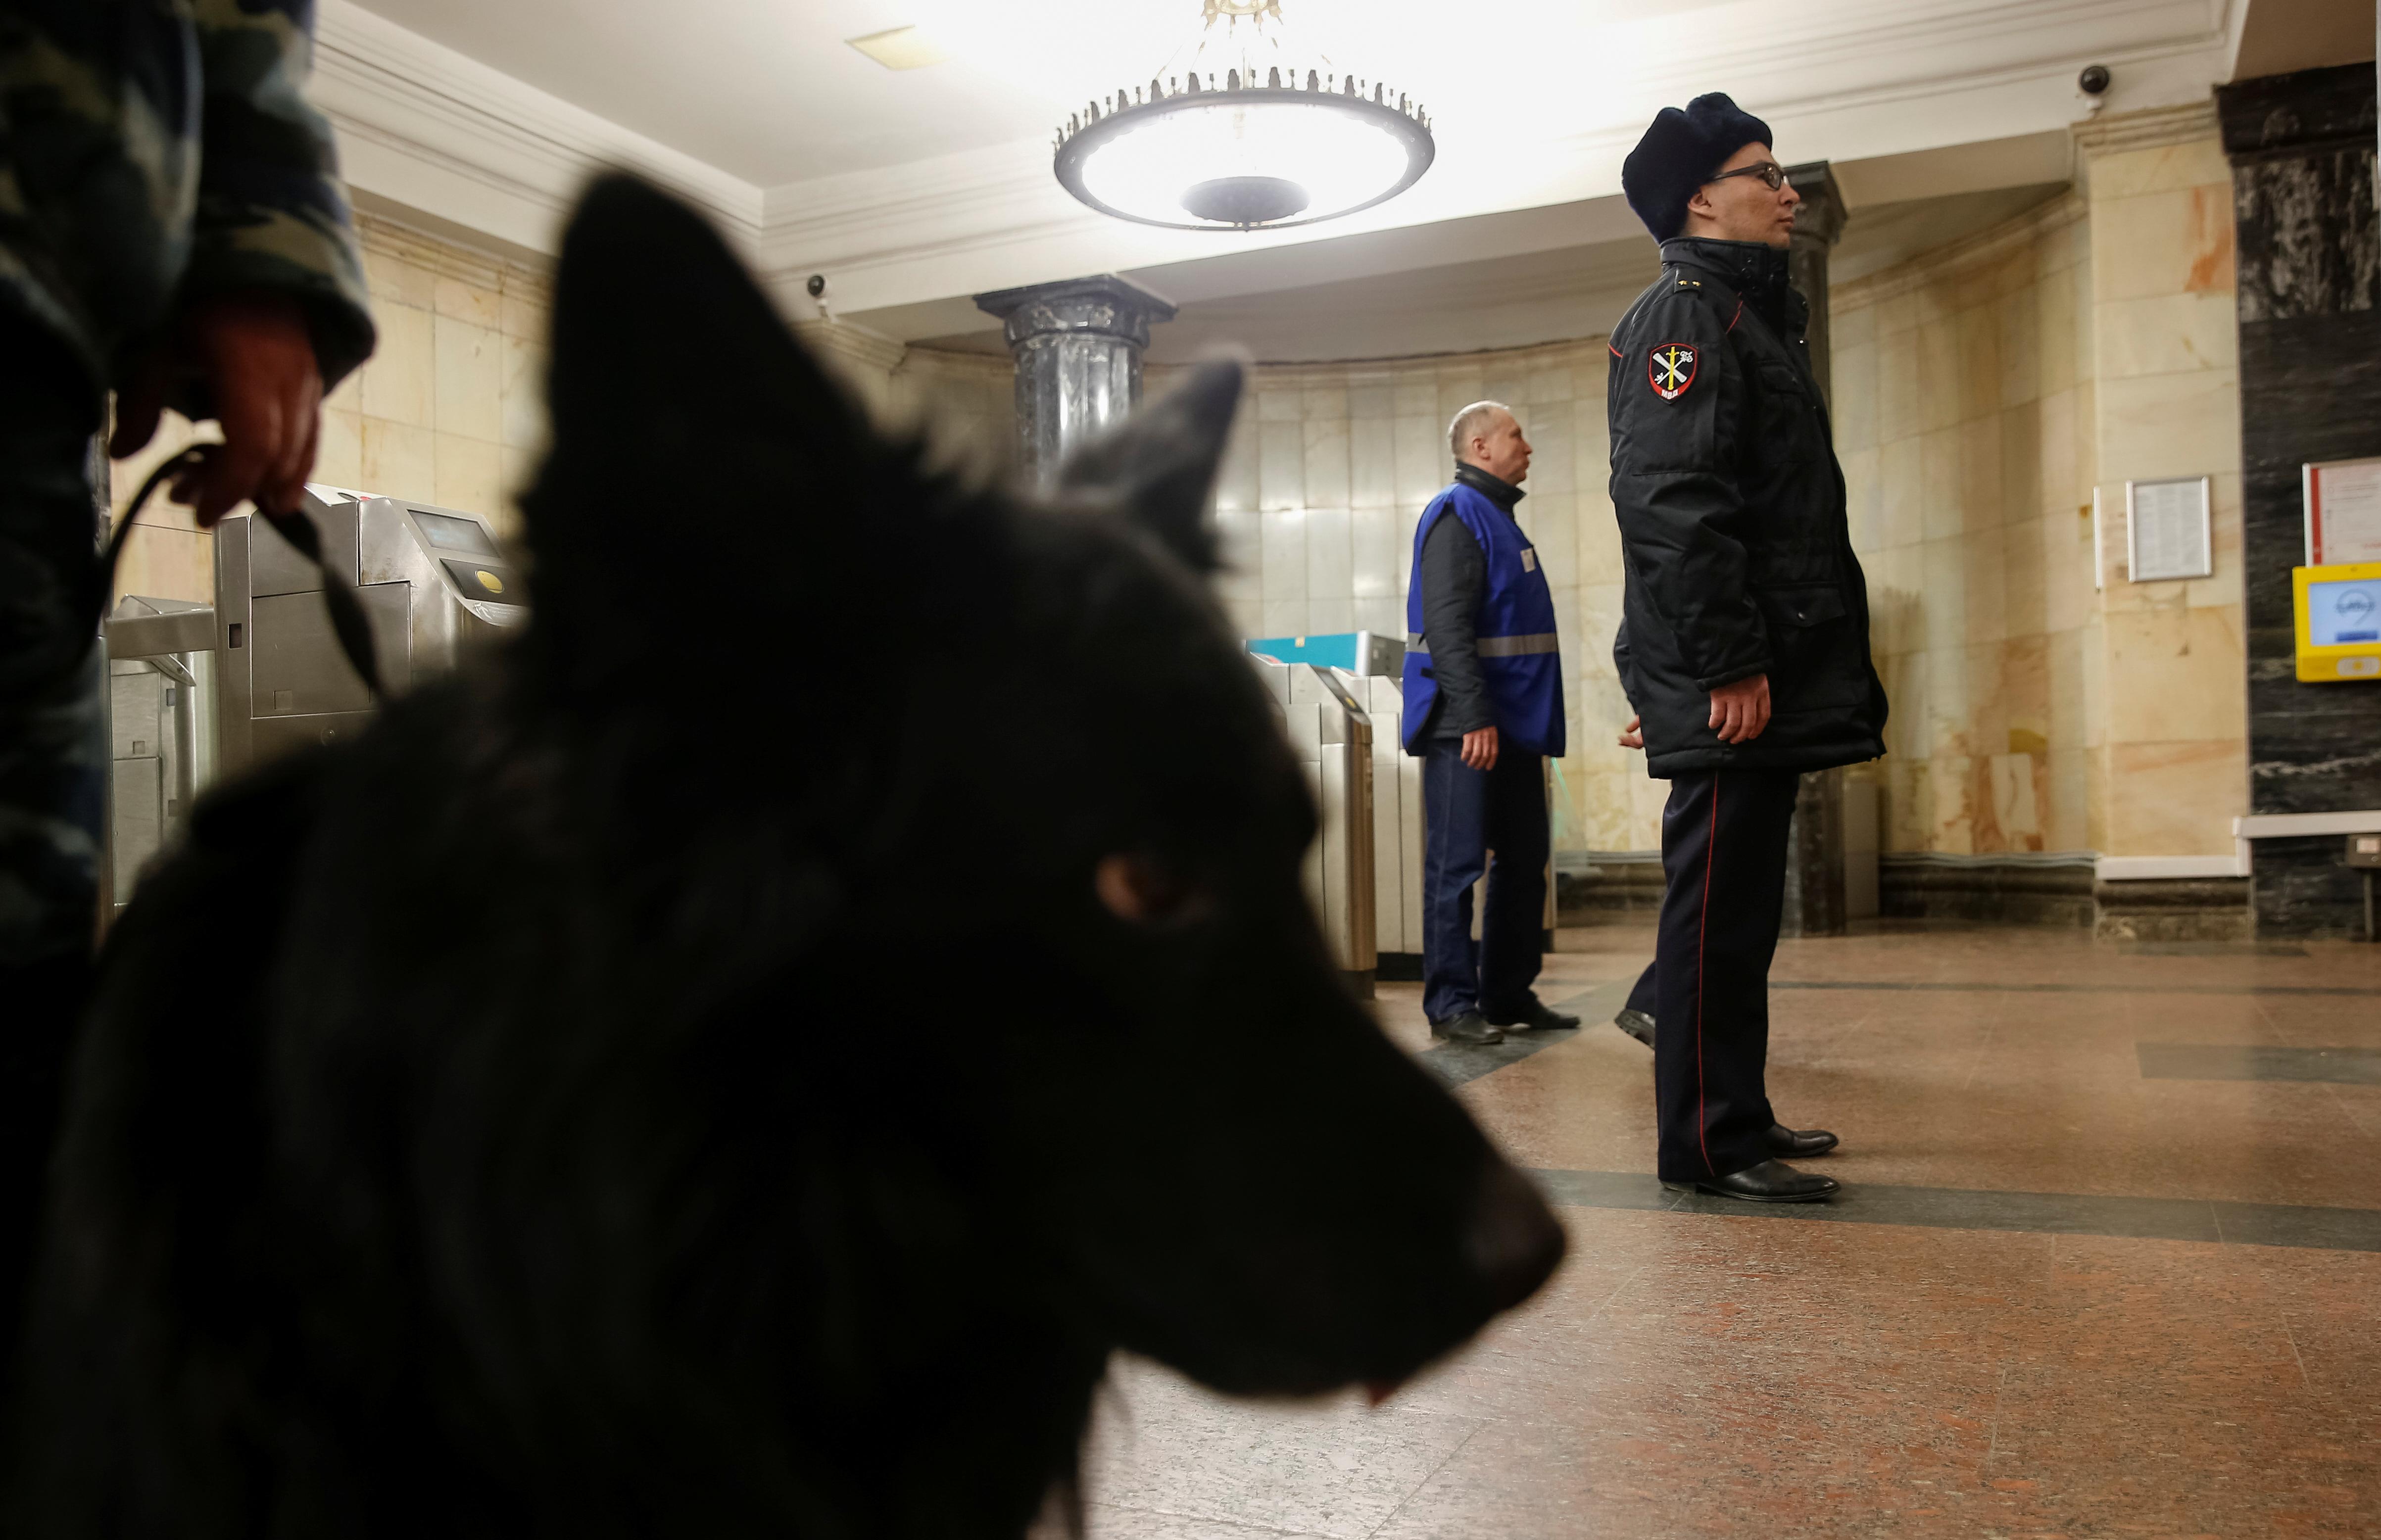 Москвичей с температурой перестанут пускать в метро